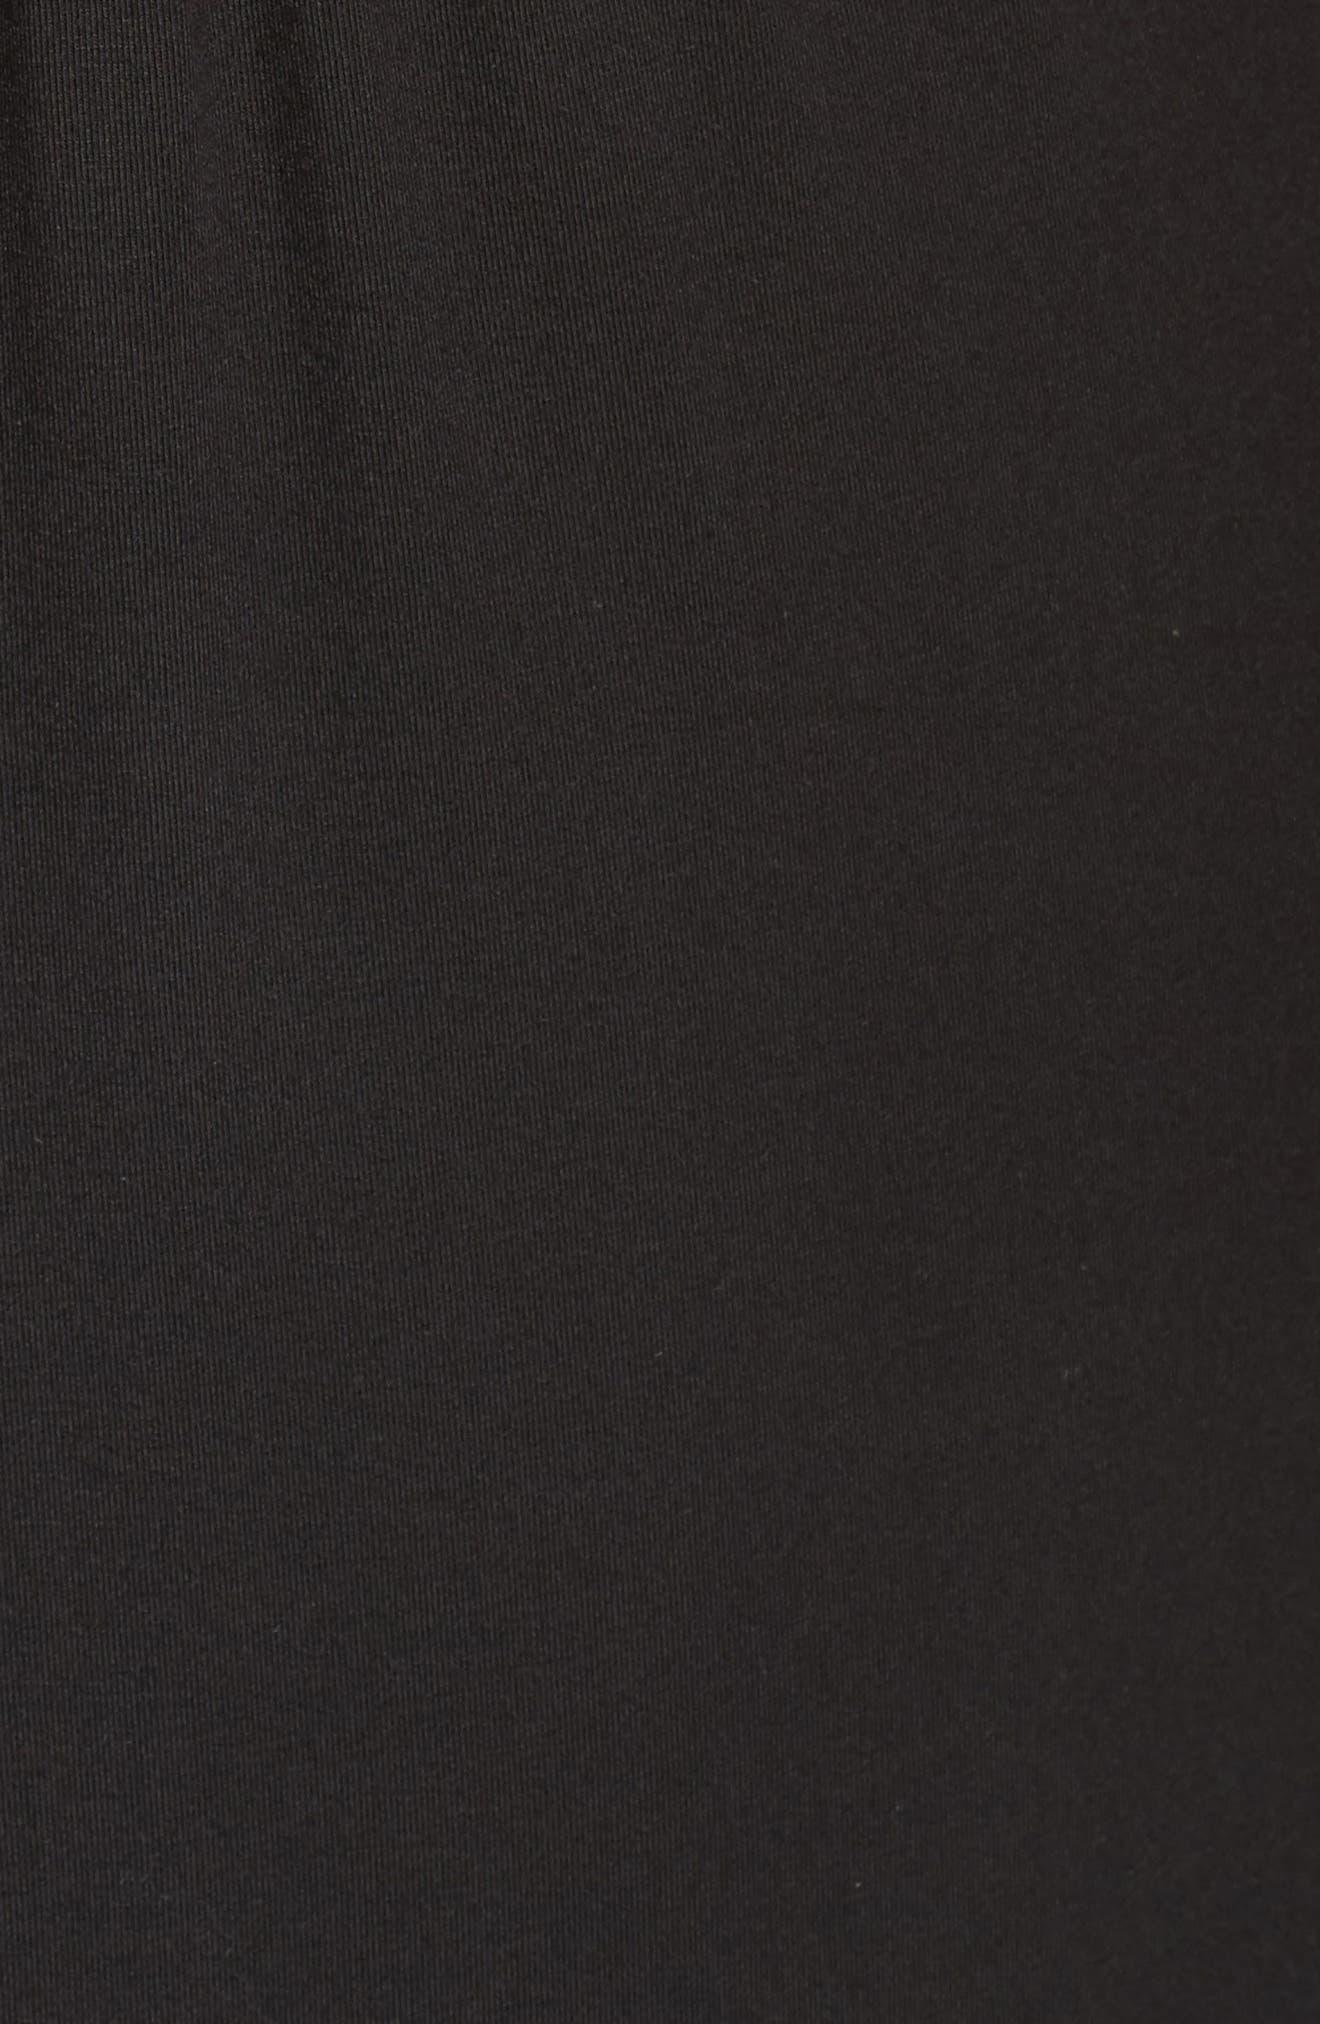 Surplice Maxi Dress,                             Alternate thumbnail 5, color,                             Black